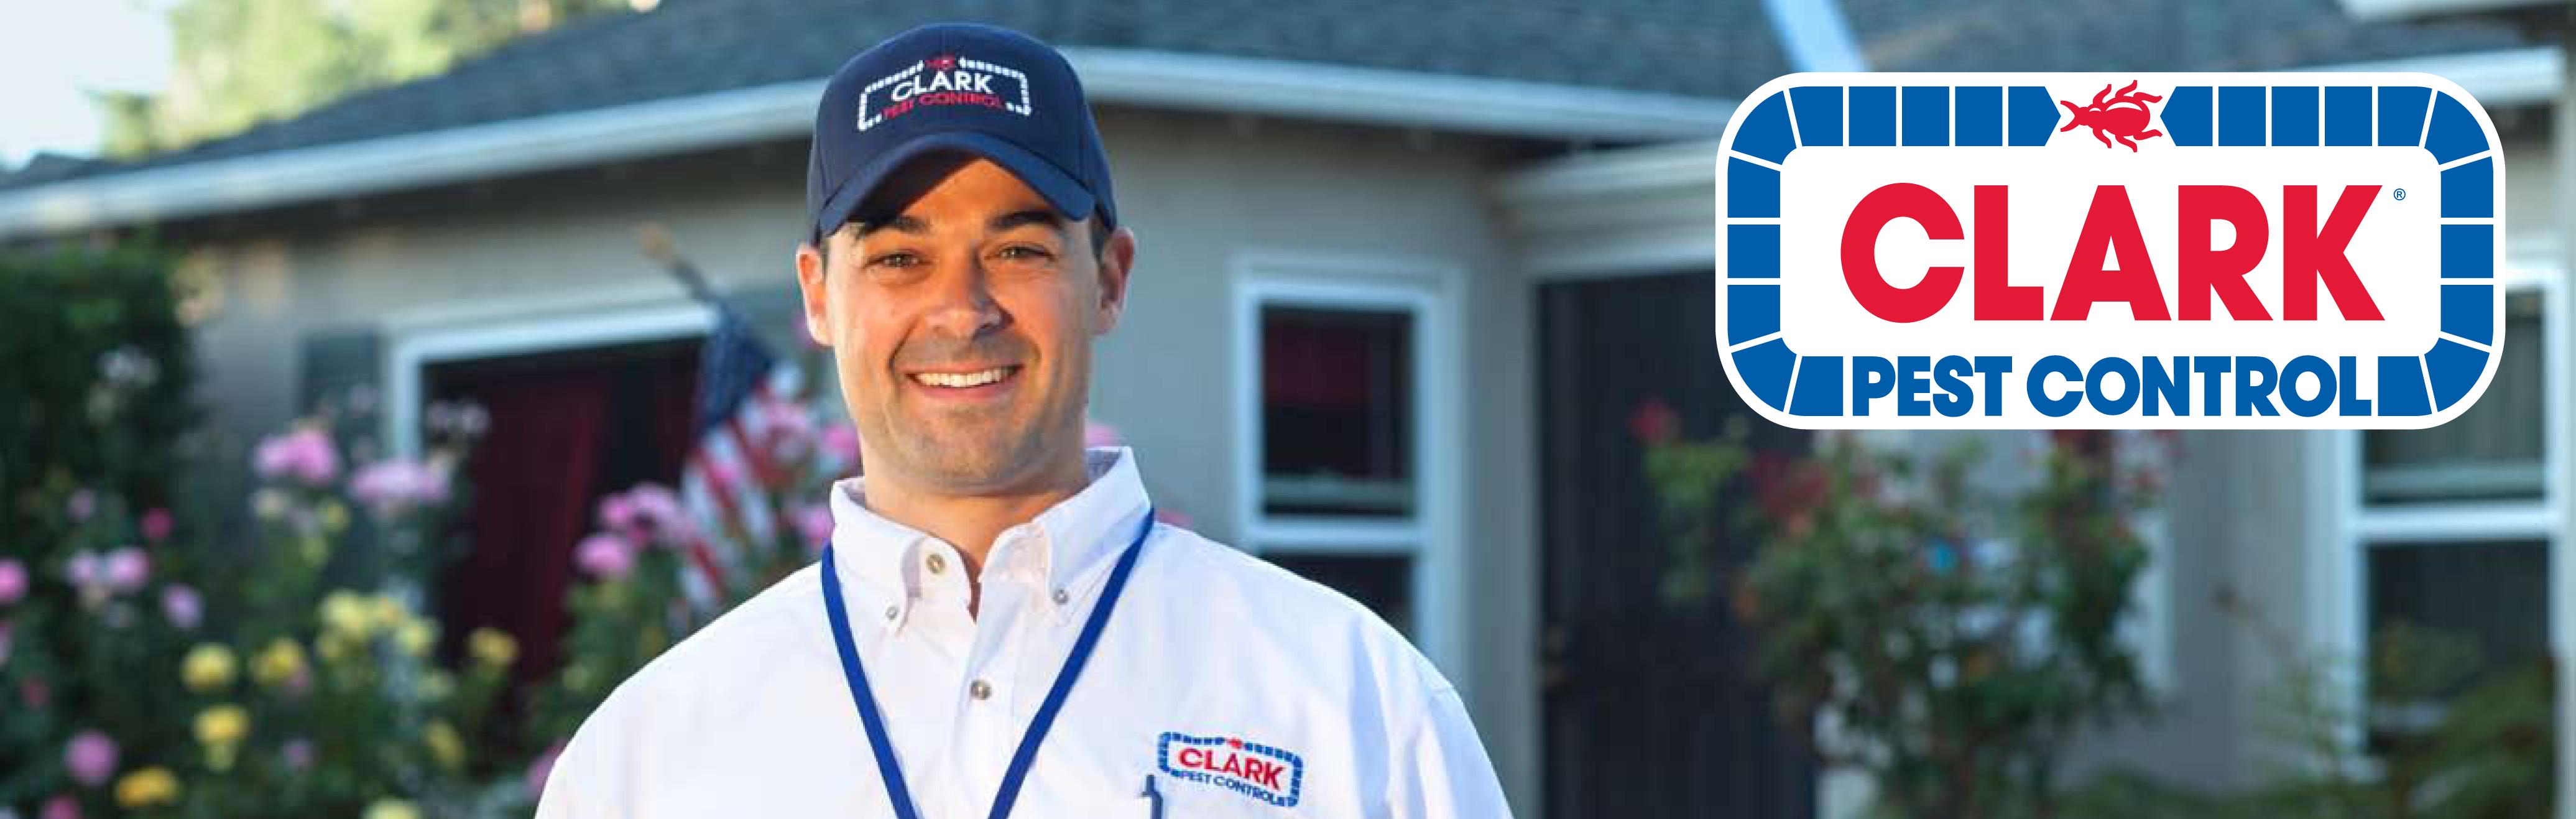 Clark Pest Control - Hughson, CA